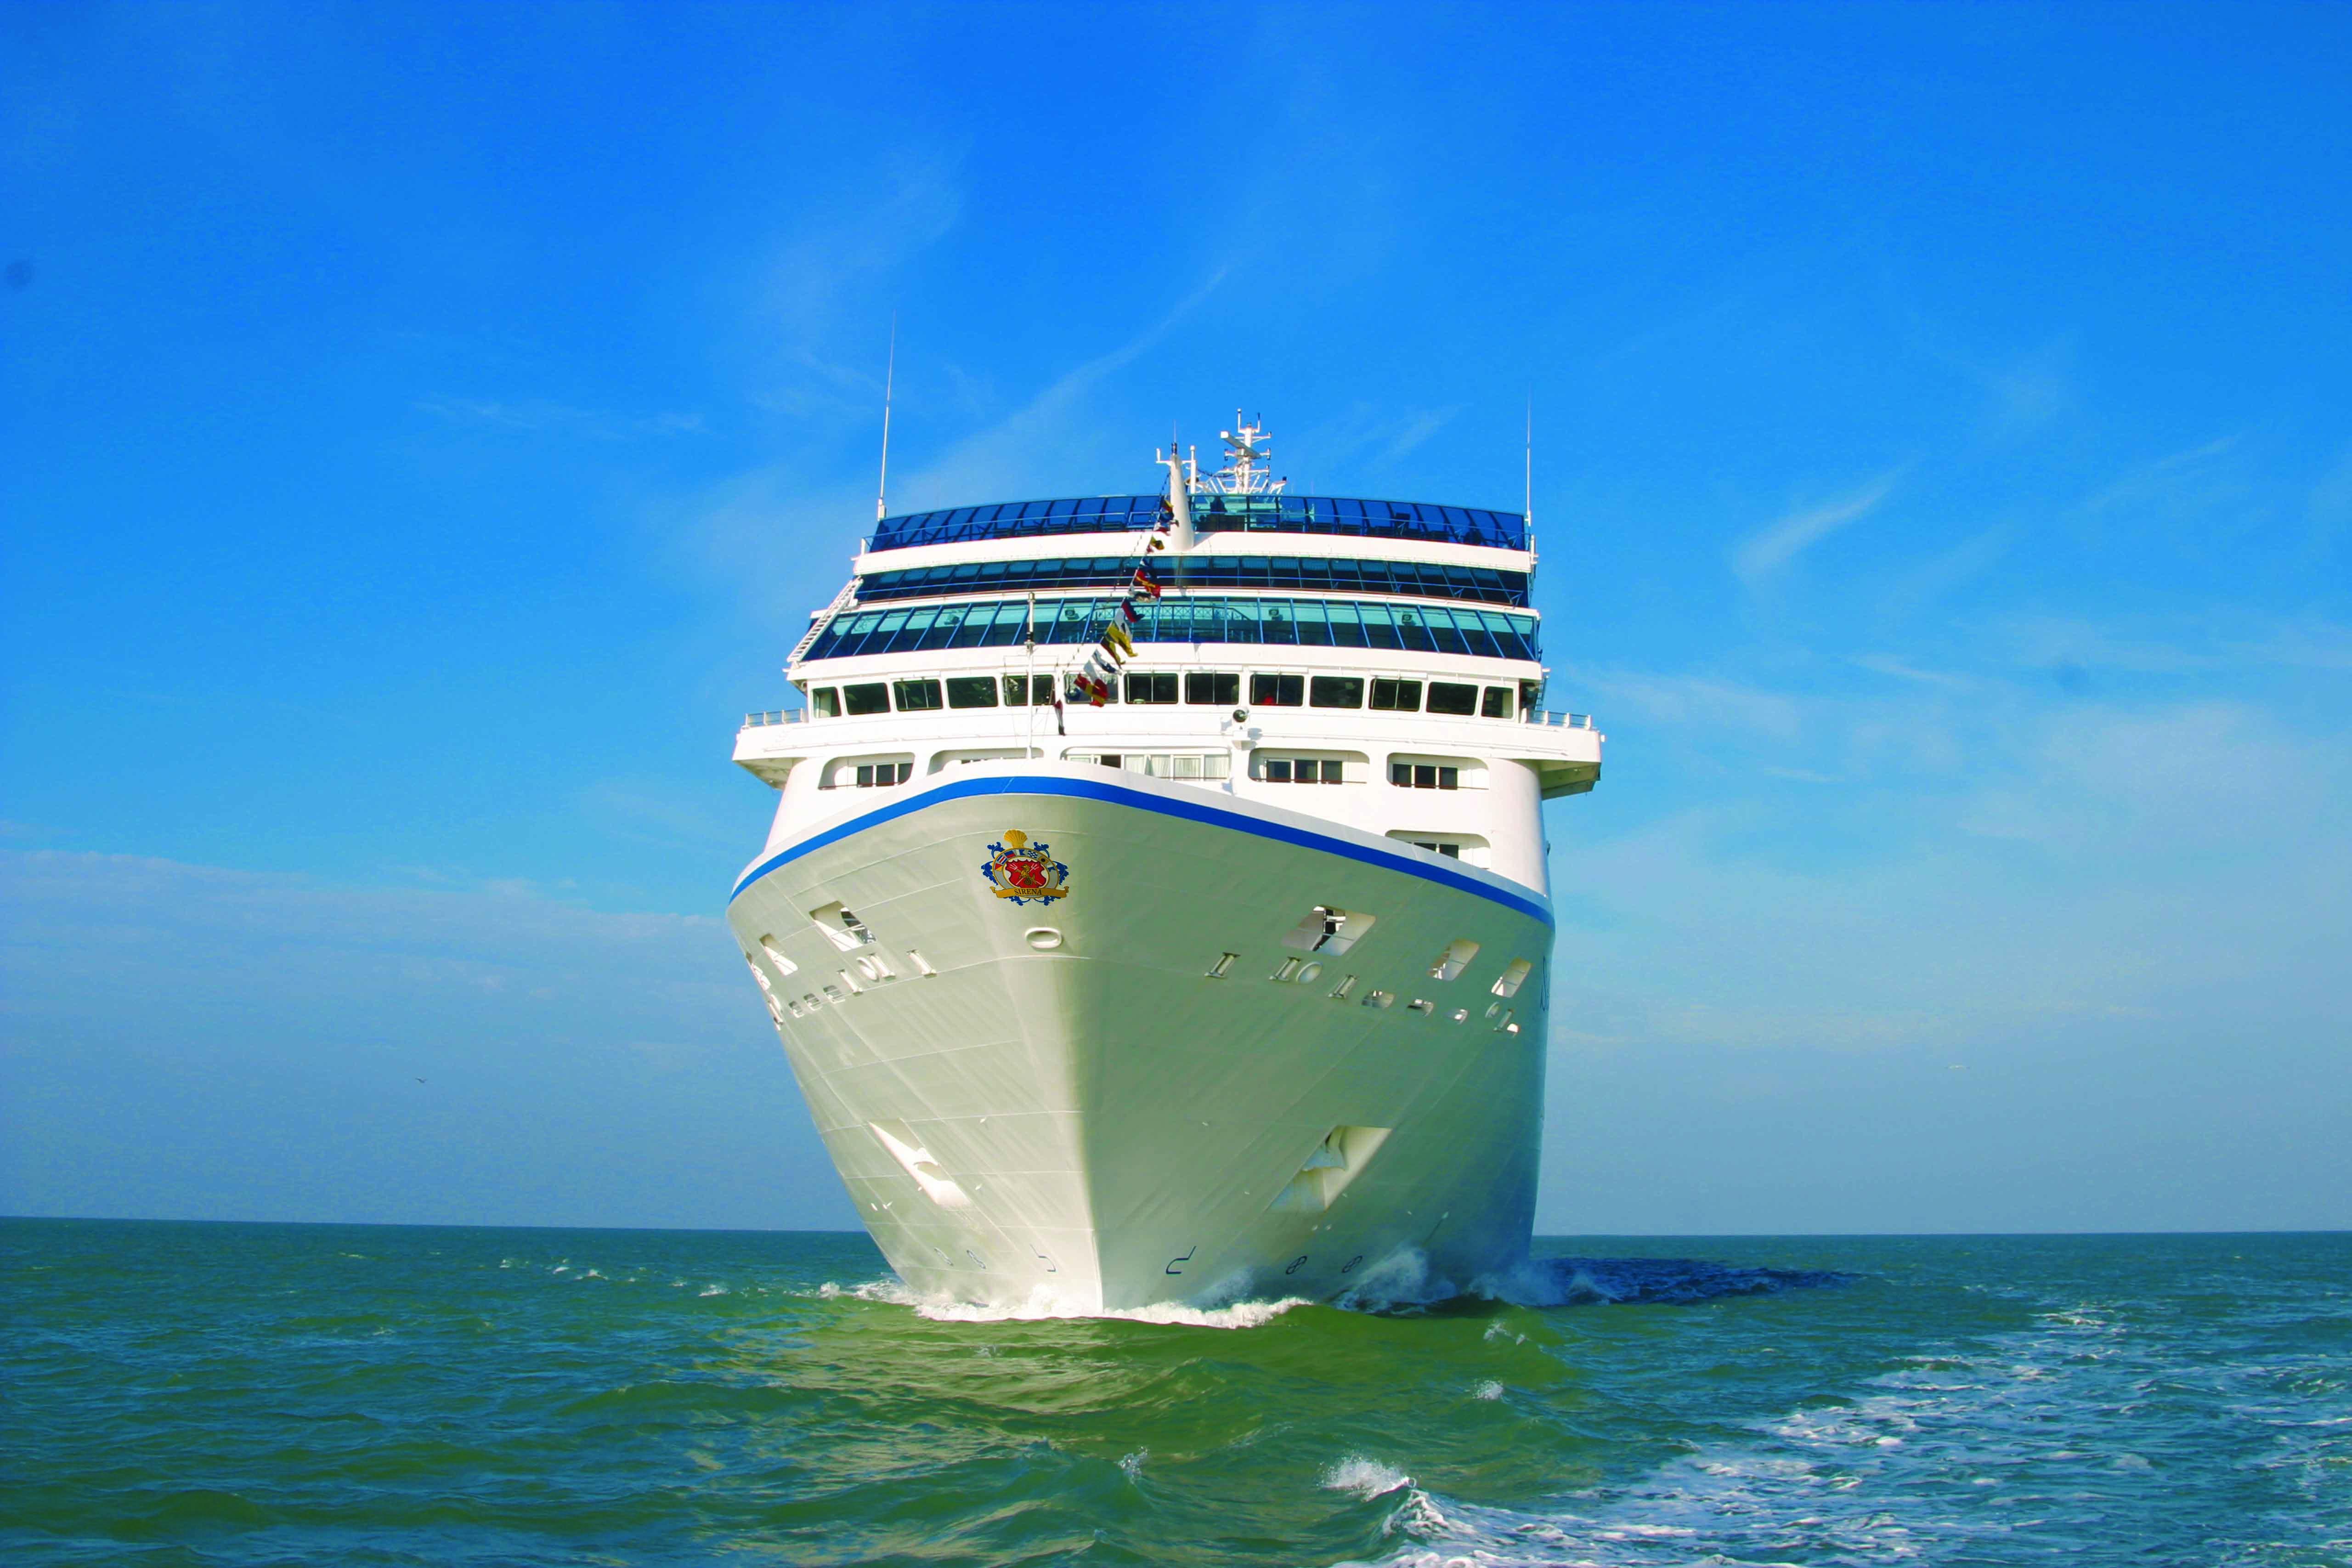 חידוש עולמי: גם אושיאניה תפליג לקרוזים מחיפה